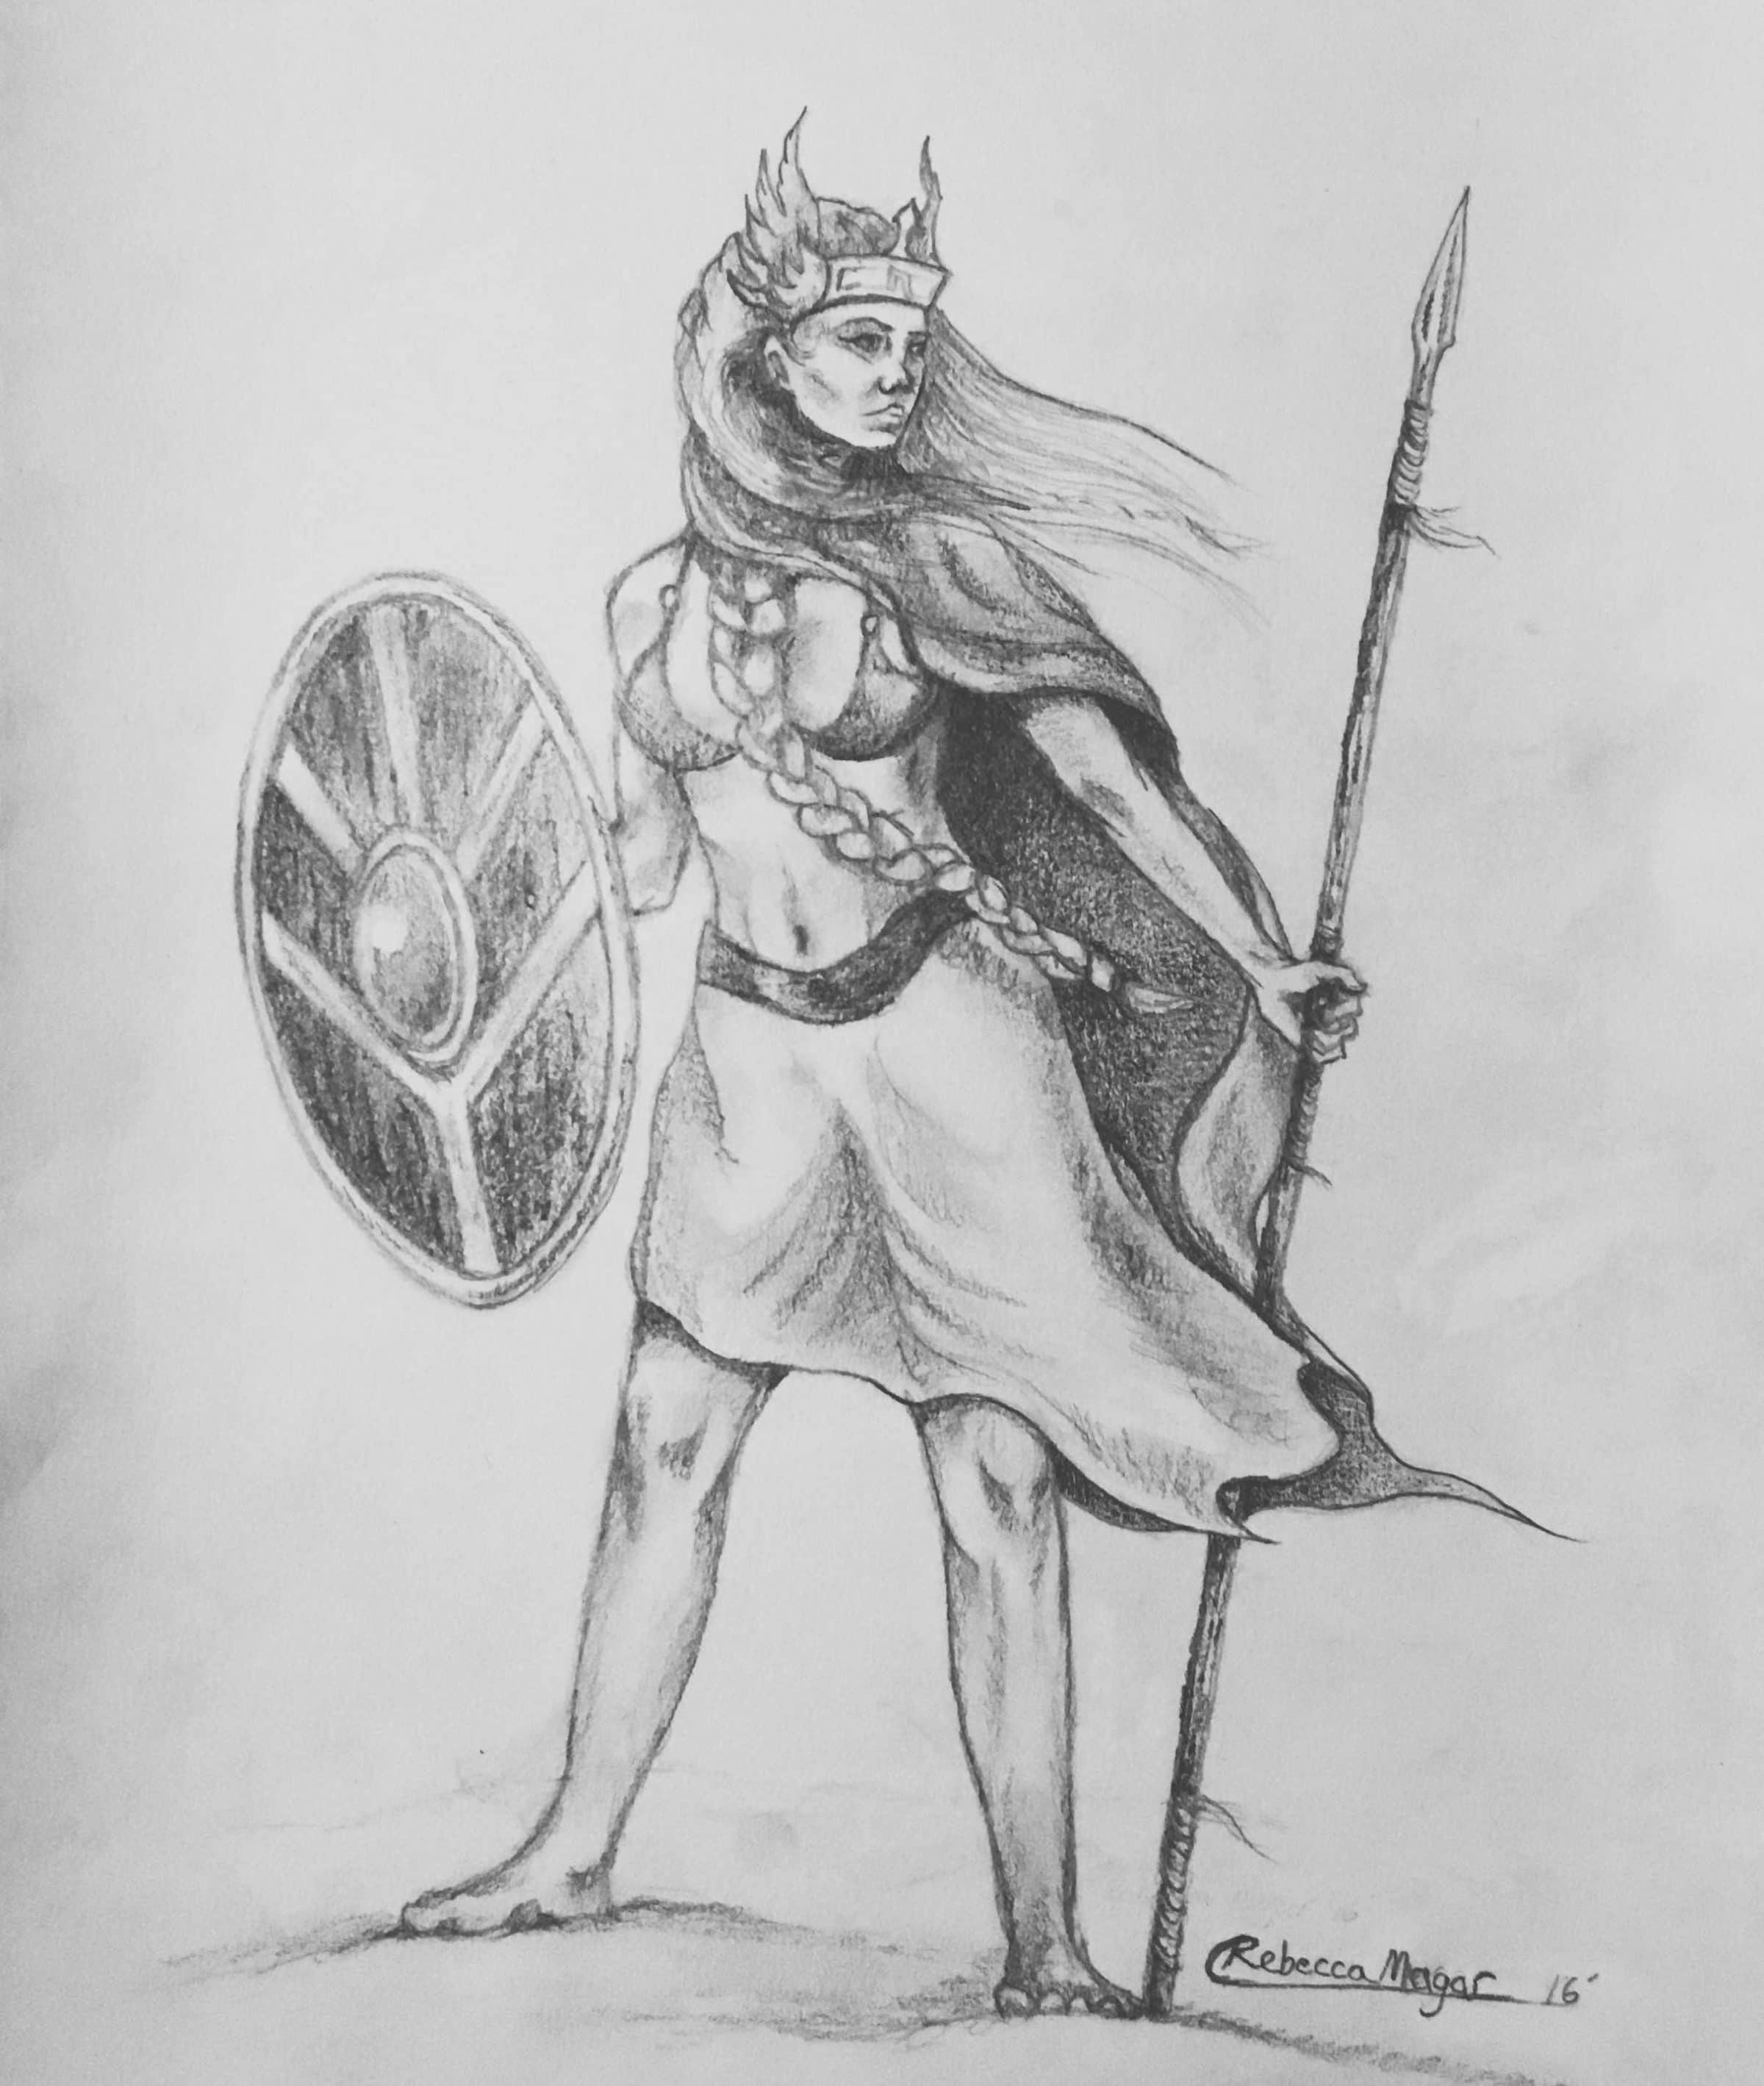 Geirskögul Valkyrie Sketch by Rebecca Magar